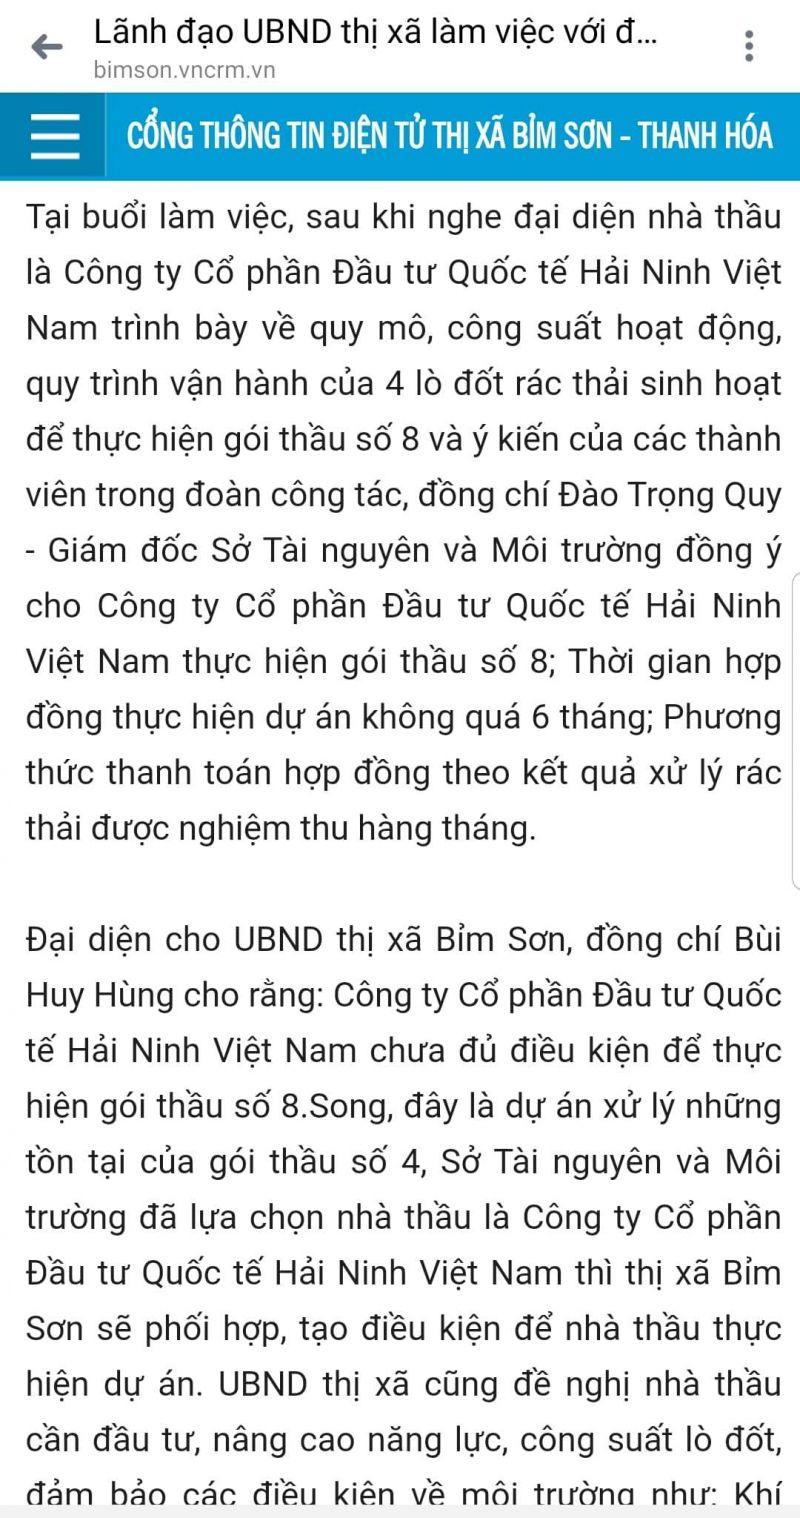 đoàn công tác của ông Đào Trọng Quy – Giám đốc Sở TN&MT Thanh Hóa đã làm việc với với UBND thị xã Bỉm Sơn